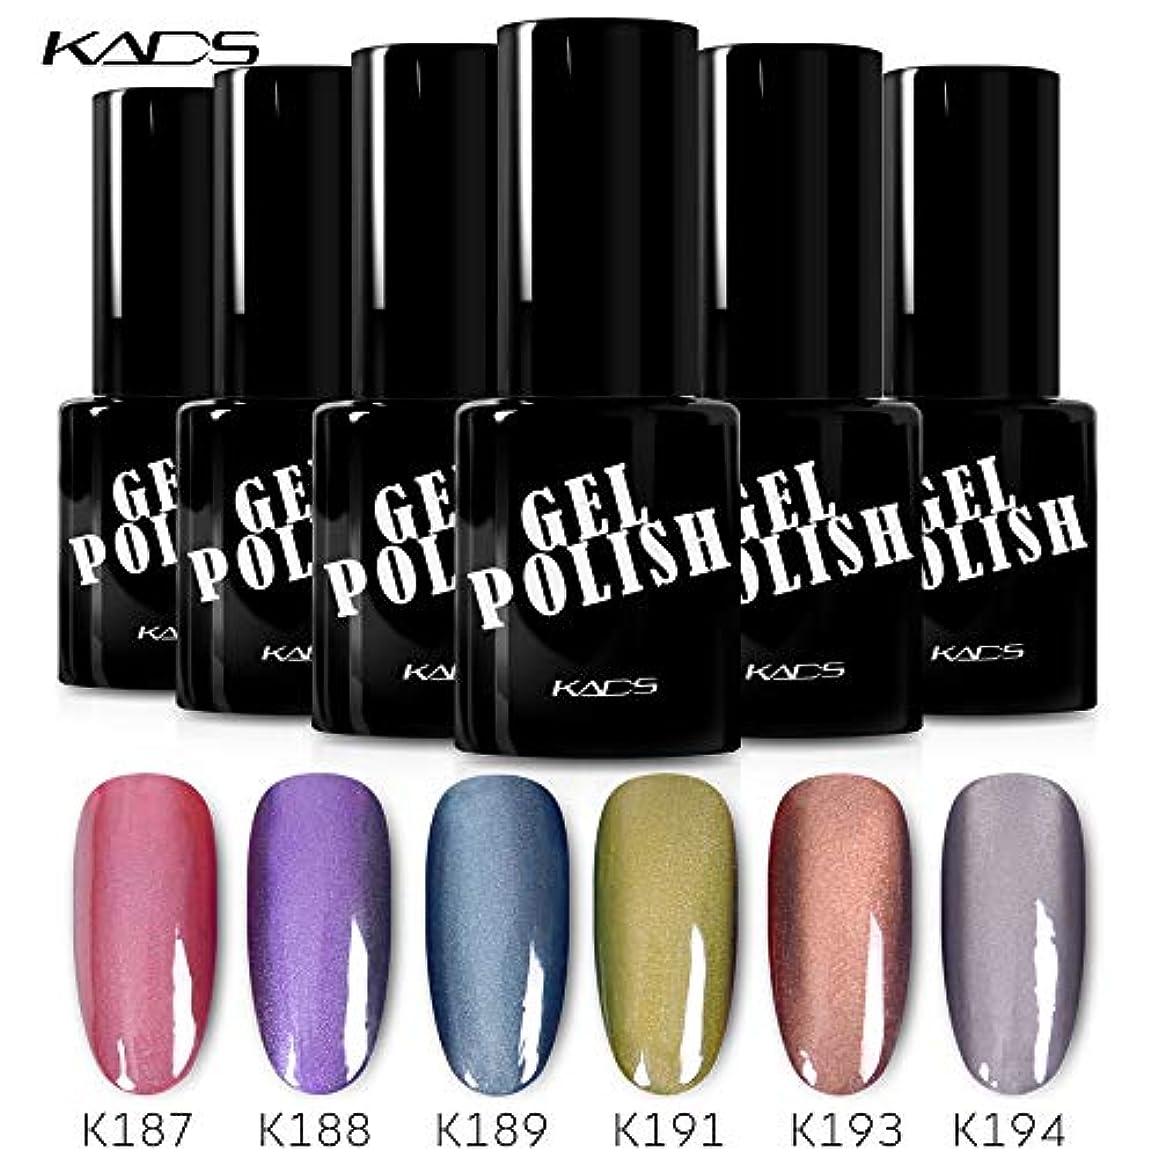 セーター撃退する効率KADS カラージェル 6色入り キャッツアイジェルネイル グリーン/ピンク/グレー カラーポリッシュ UV/LED対応 艶長持ち